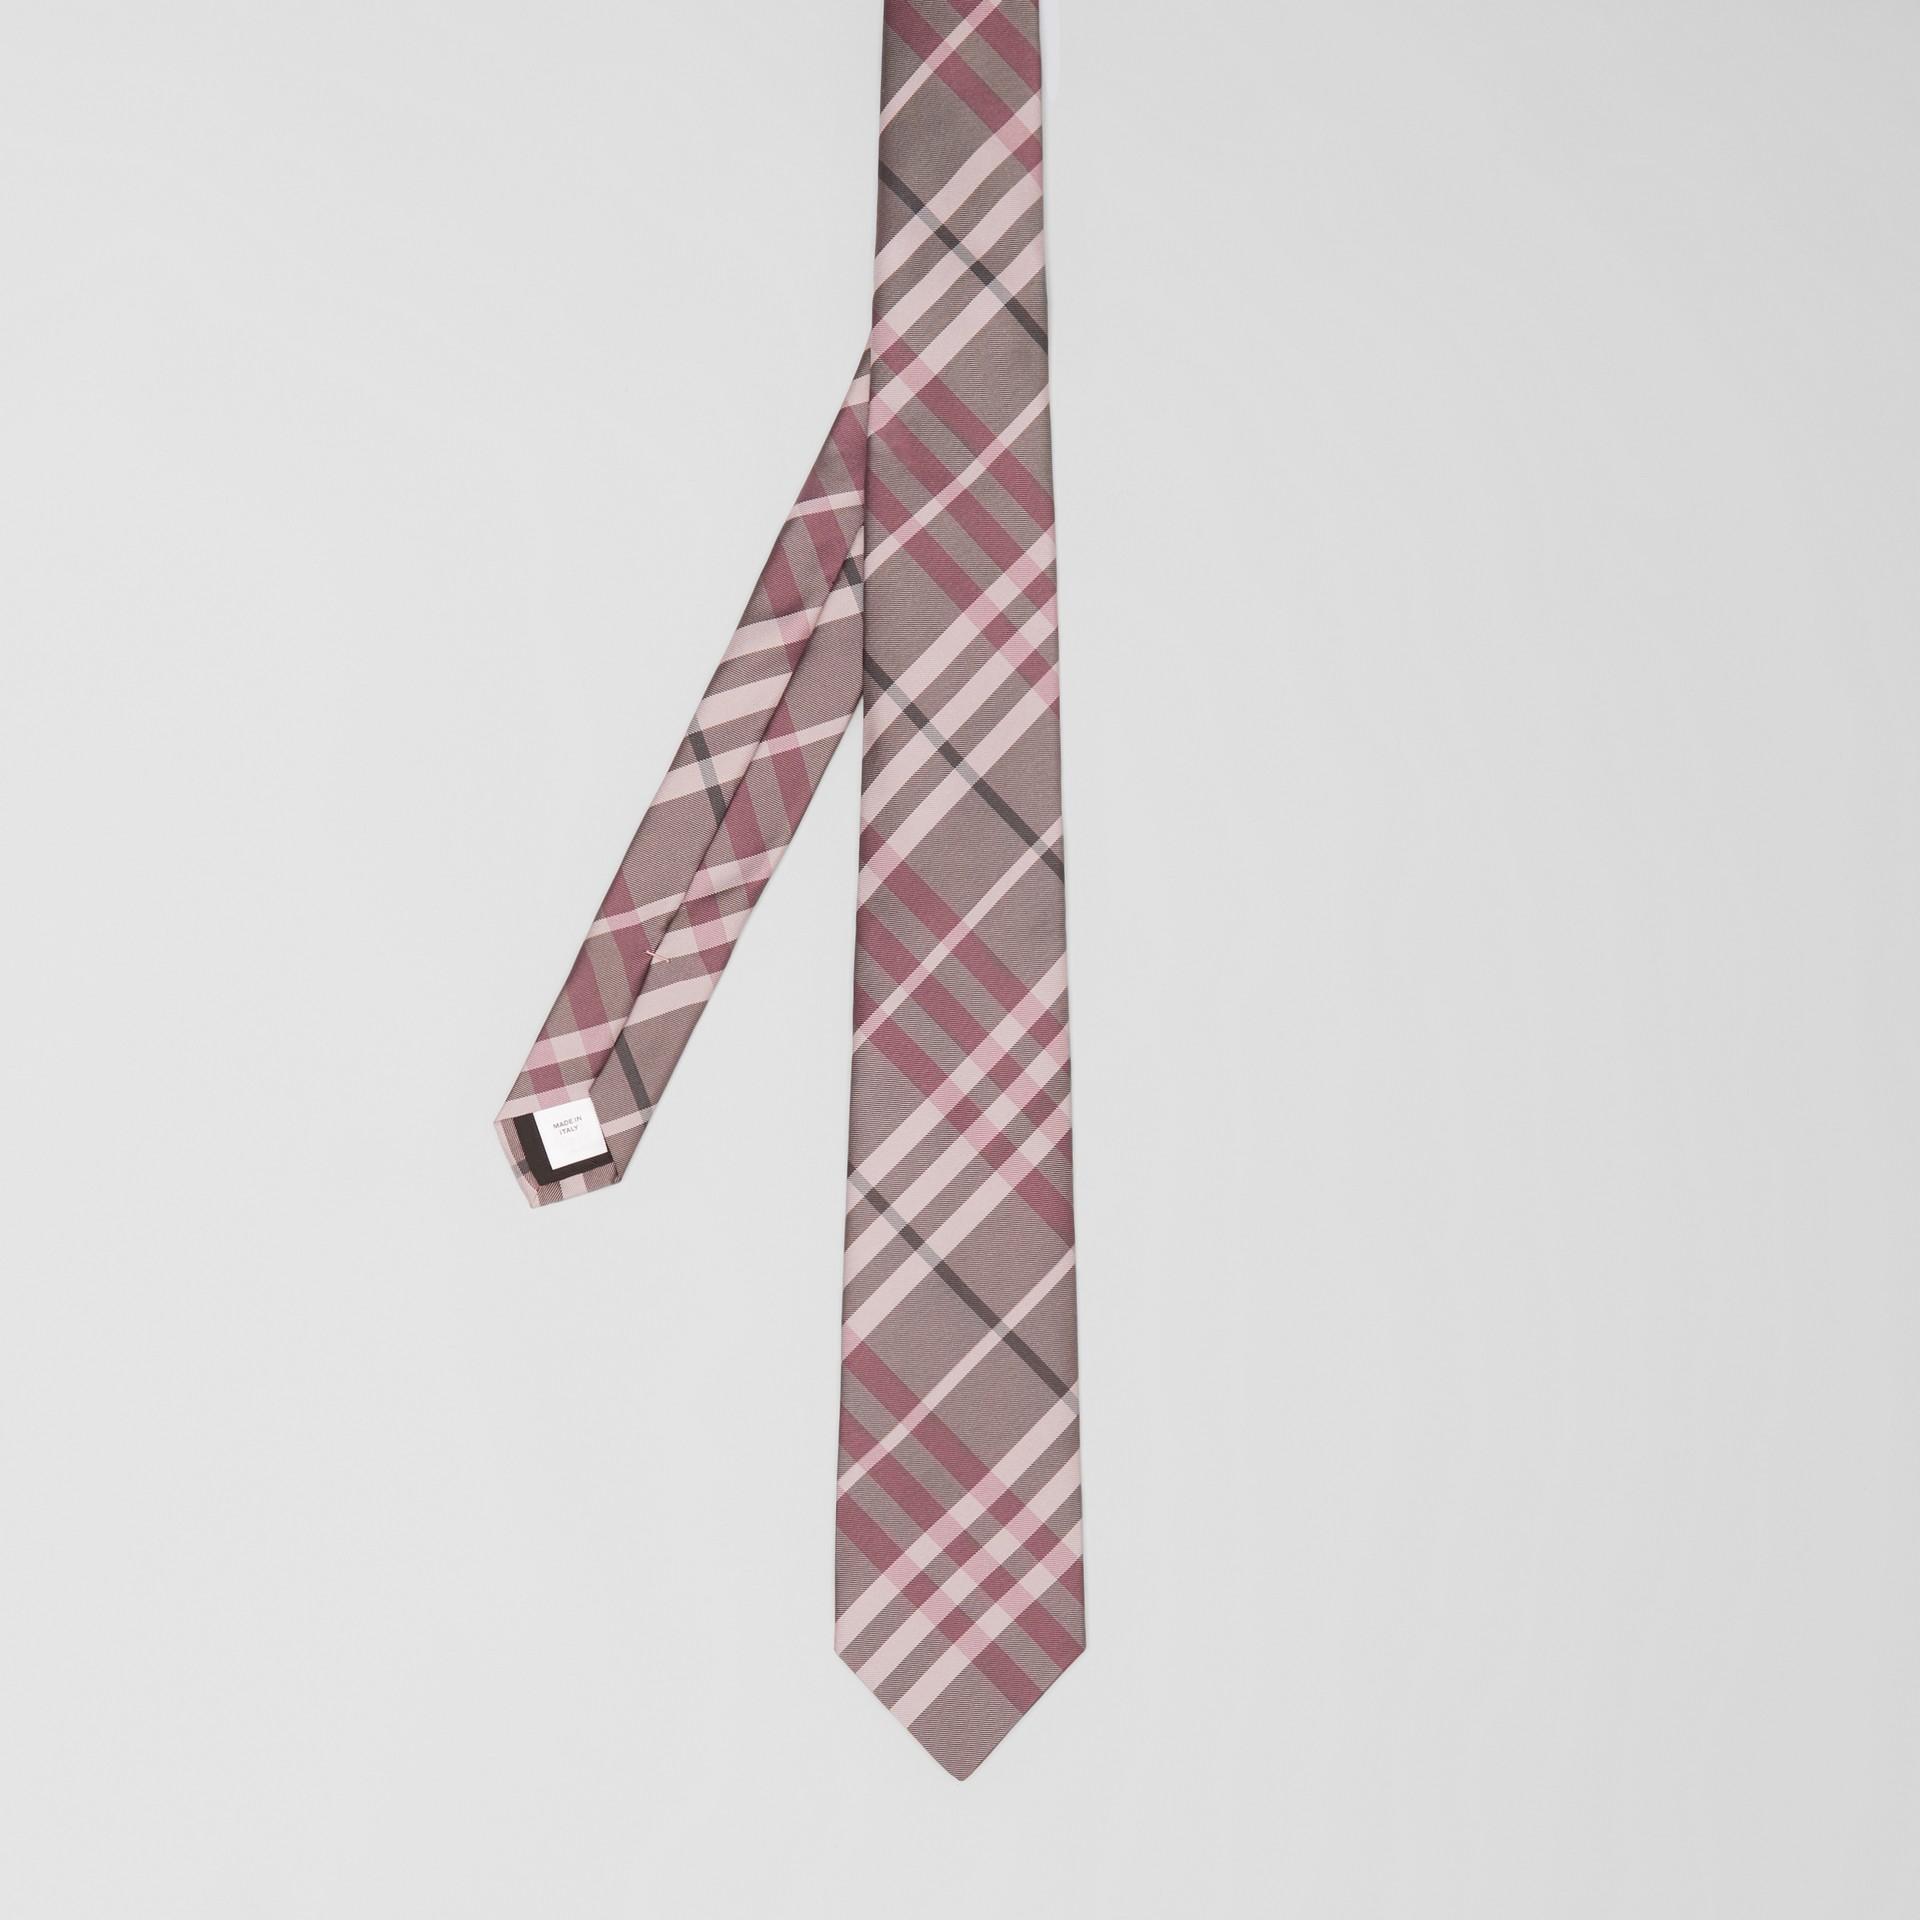 Классический галстук в клетку Vintage Check (Розовый Мел) - Для мужчин | Burberry - изображение 4